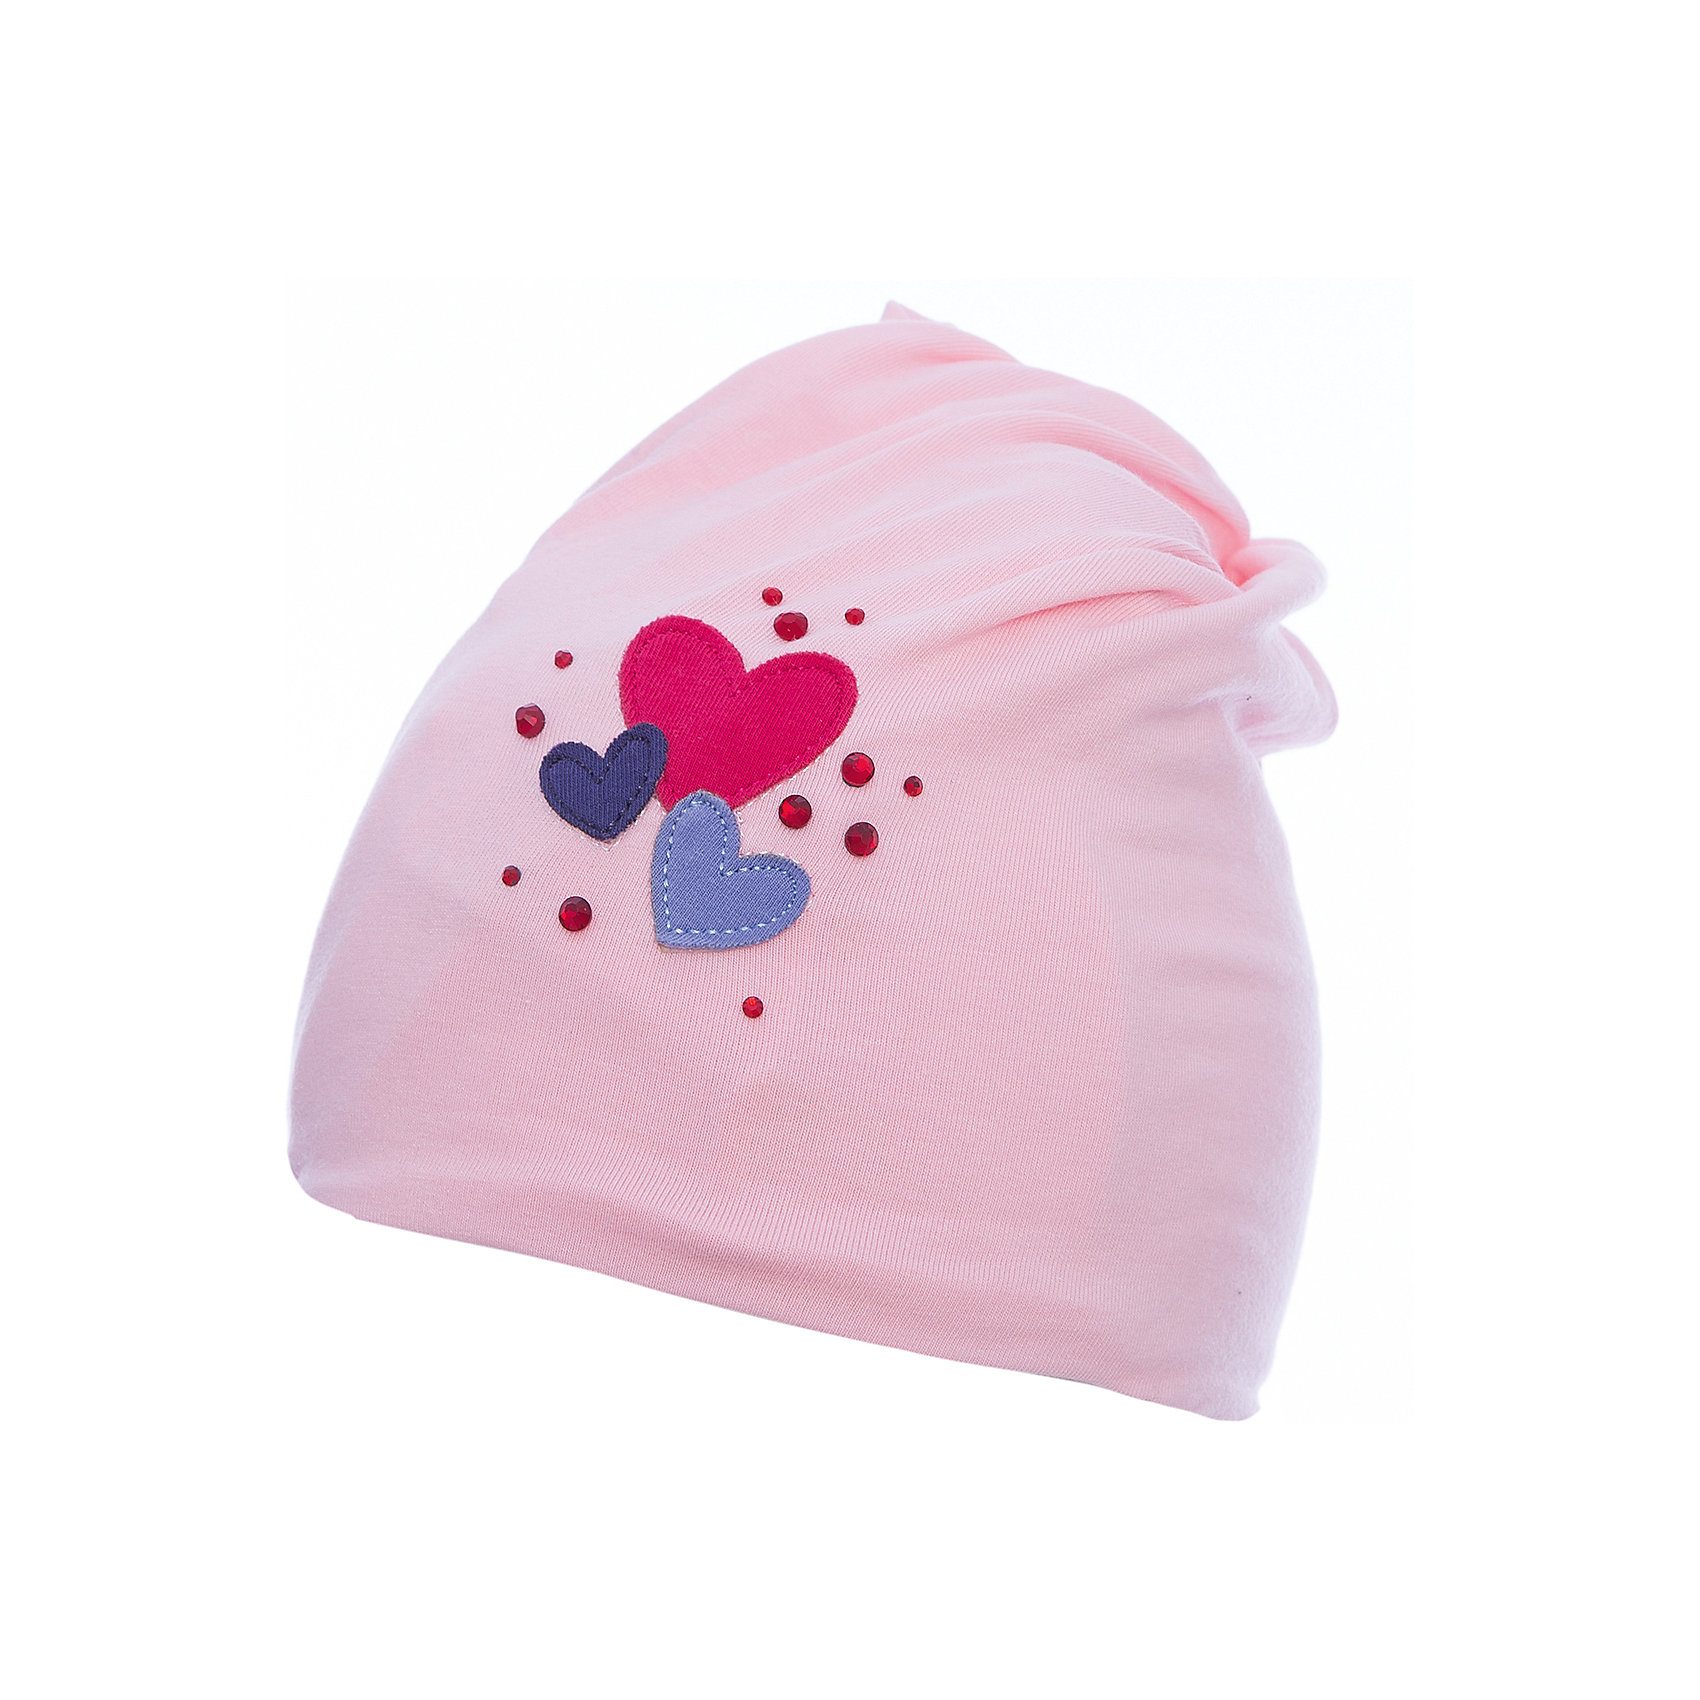 Шапка PlayToday для девочкиШапочки<br>Шапка PlayToday для девочки<br>Шапка из трикотажа - отличное решение для прогулок в прохладную погоду. Модель без завязок, плотно прилегает к голове, комфортна при носке. Декорирована аккуратной аппликацией и россыпью из страз.<br>Состав:<br>92% хлопок, 8% эластан<br><br>Ширина мм: 89<br>Глубина мм: 117<br>Высота мм: 44<br>Вес г: 155<br>Цвет: белый<br>Возраст от месяцев: 6<br>Возраст до месяцев: 9<br>Пол: Женский<br>Возраст: Детский<br>Размер: 46,48<br>SKU: 7110235